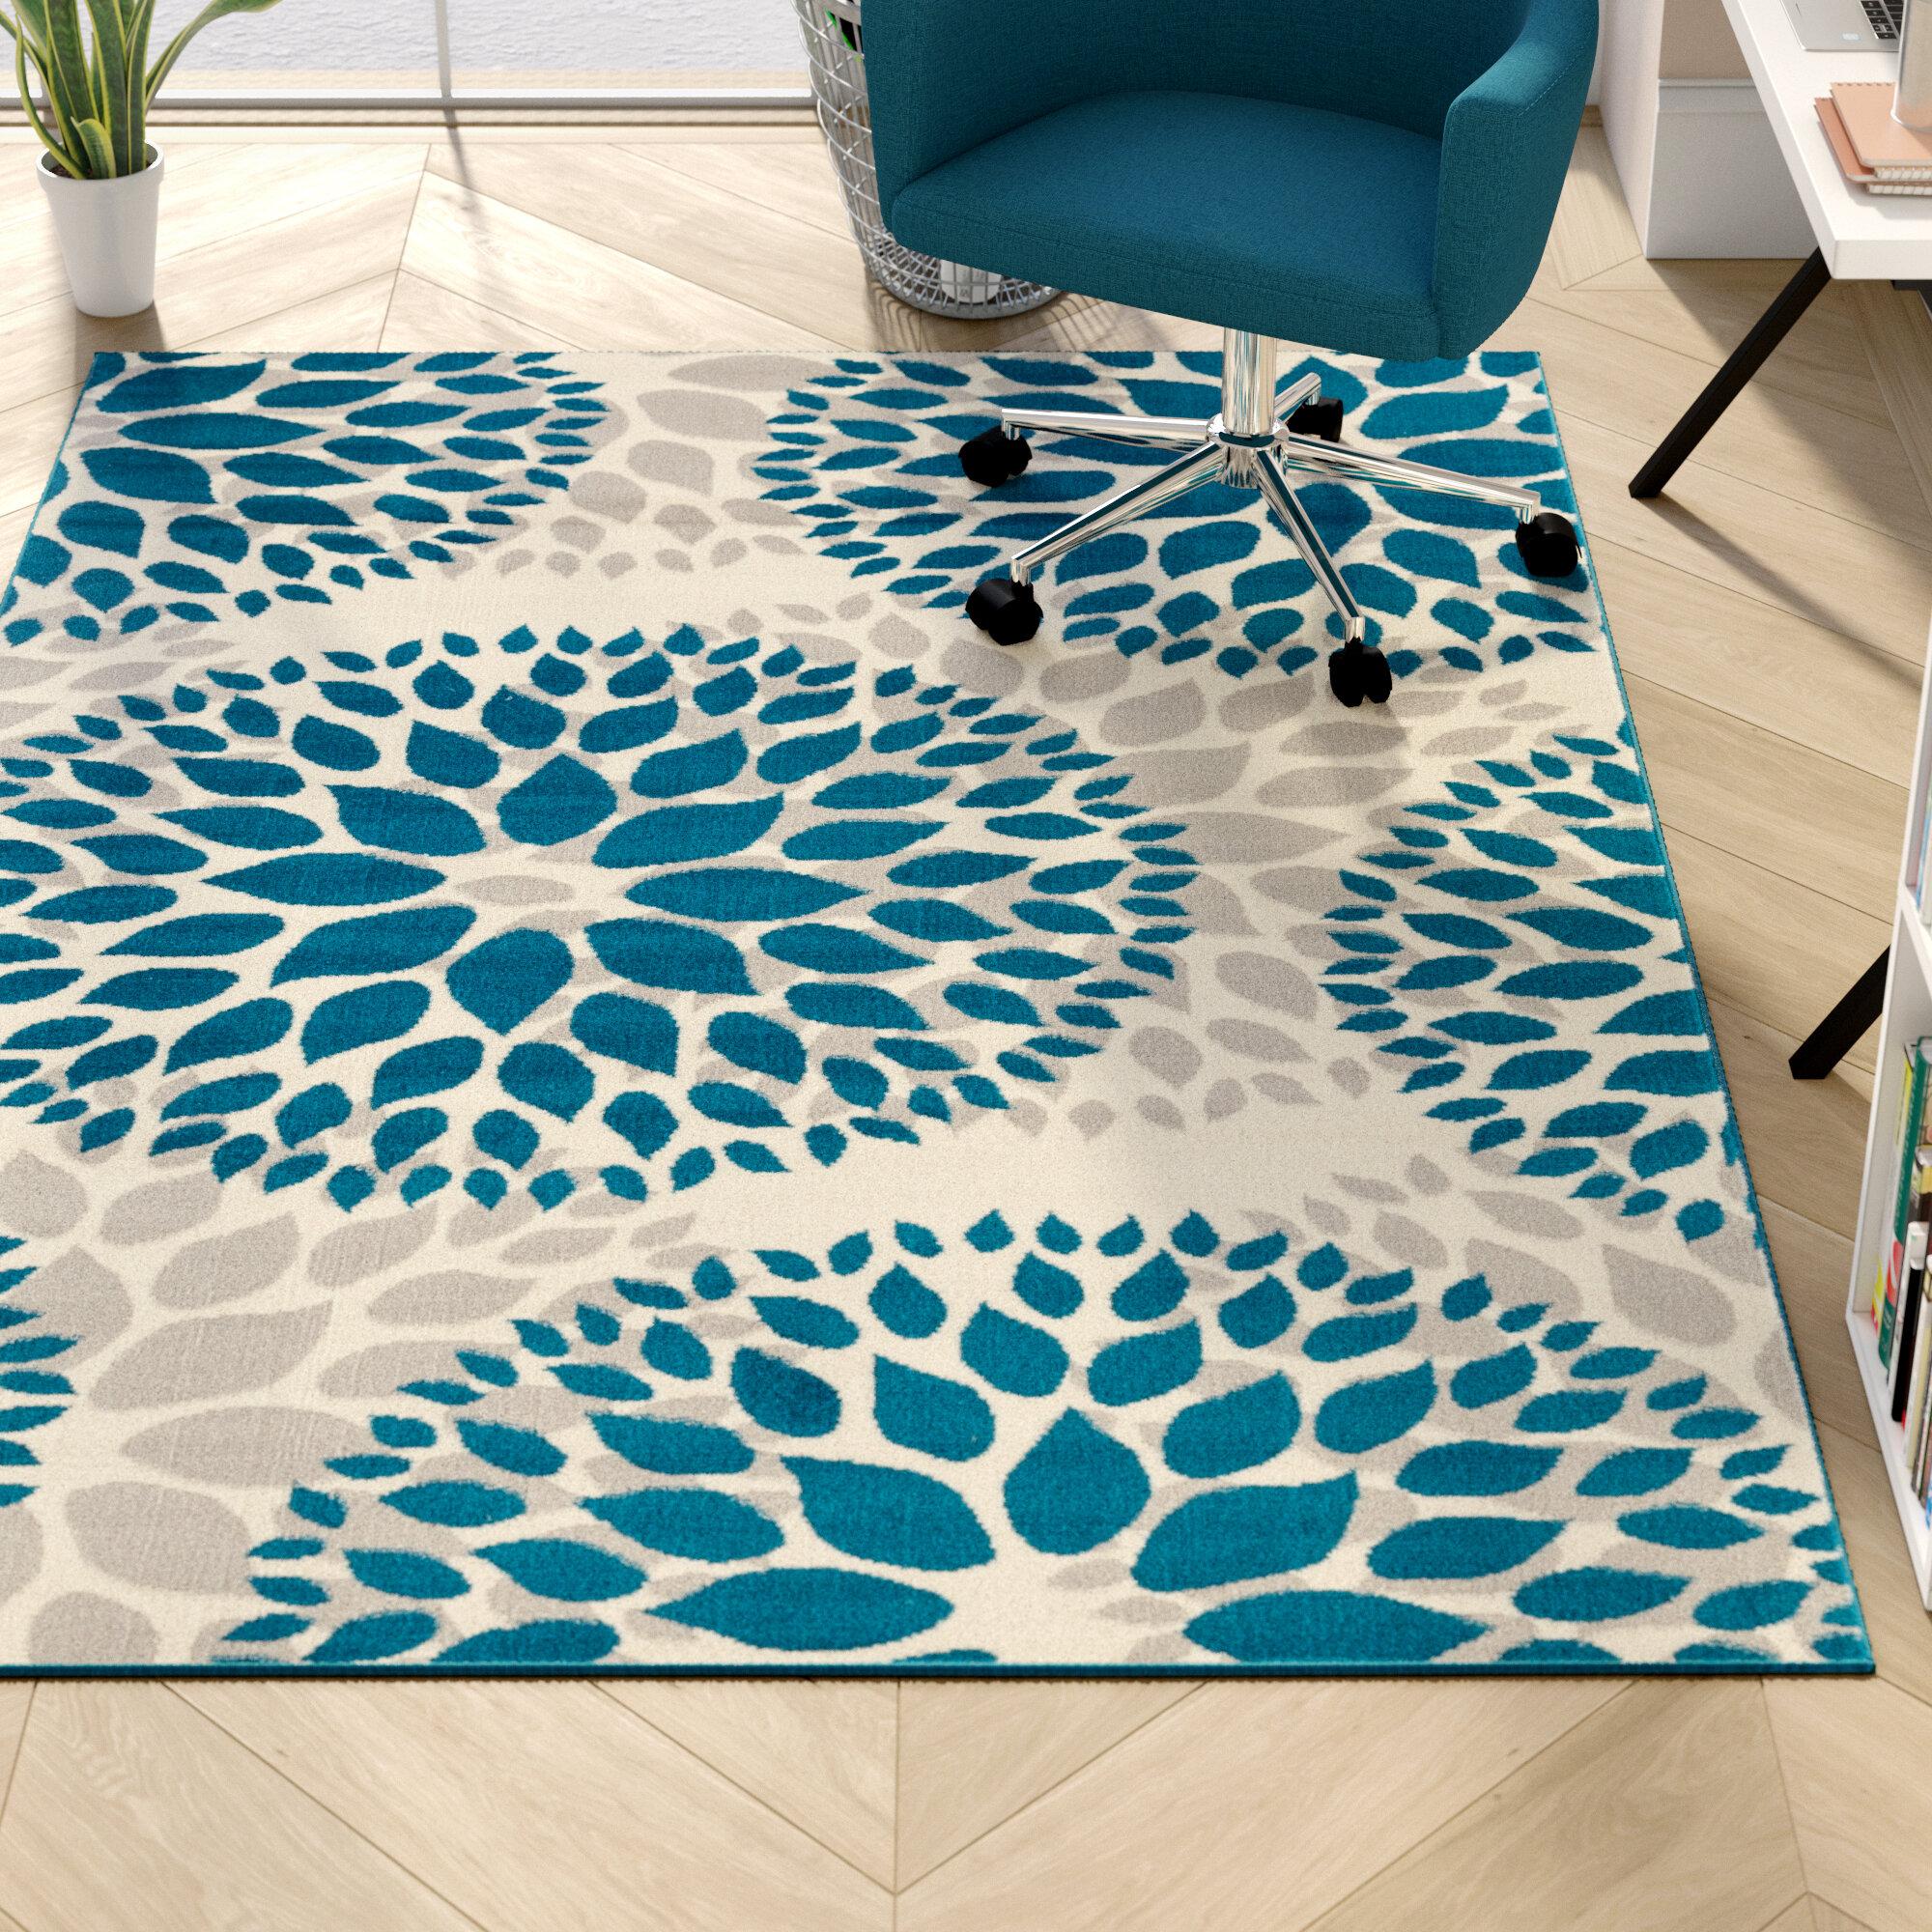 Winston Porter Lebouef Floral Blue Gray Area Rug Reviews Wayfair Ca